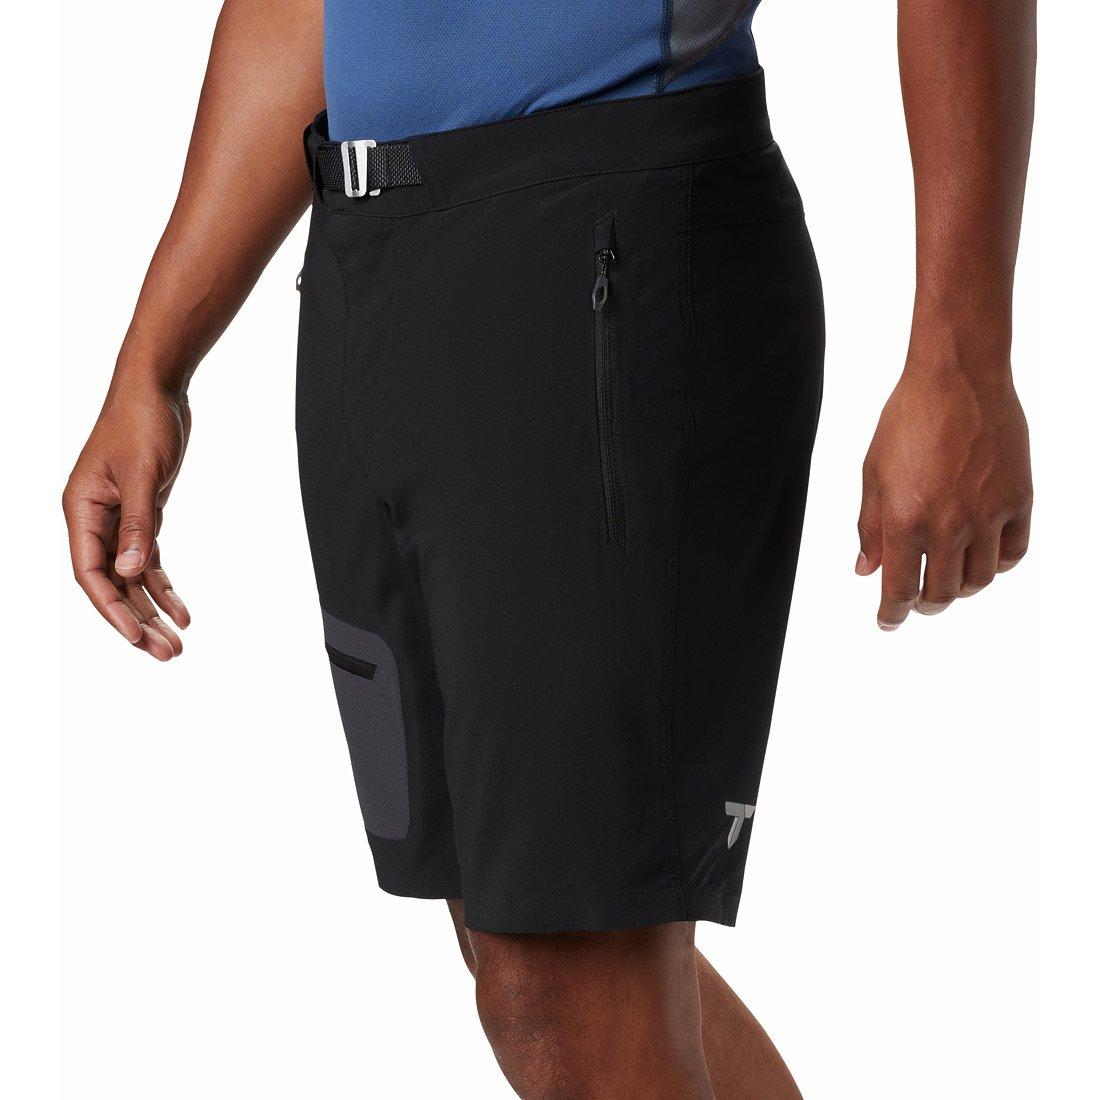 מכנסי טיולים קצרים לגברים - M Titan Pass Short - Columbia